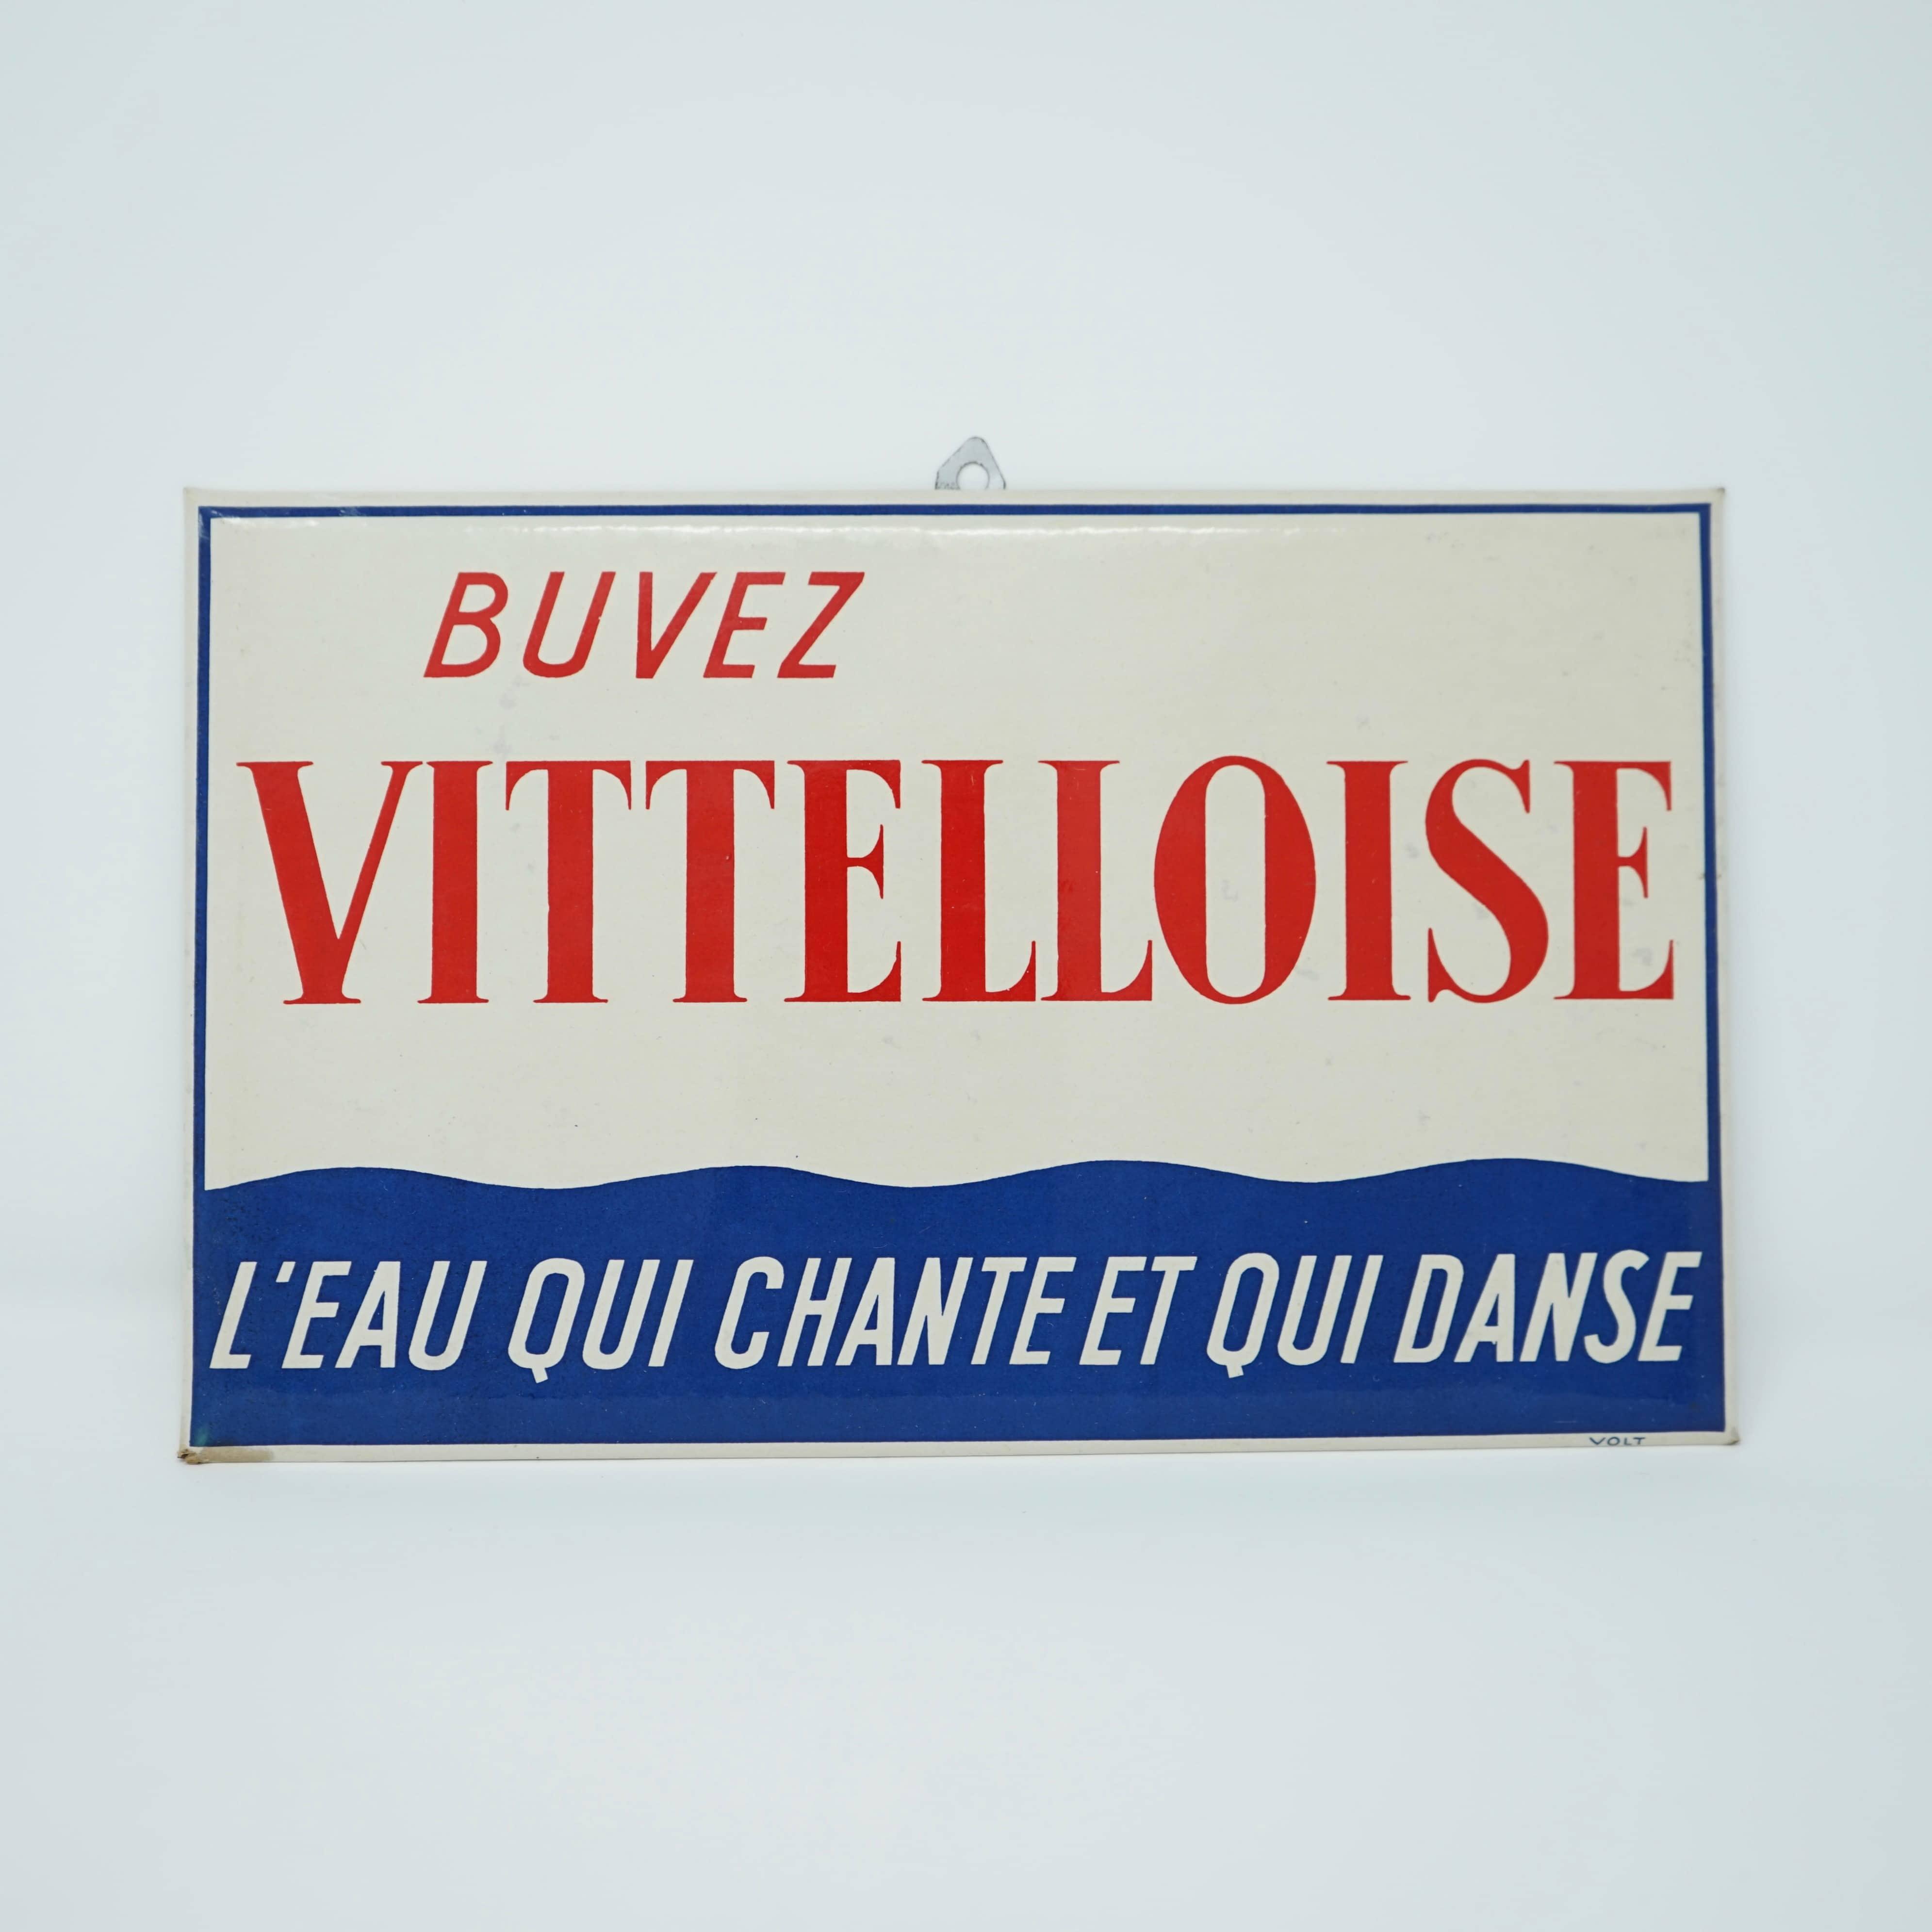 Plaque Publicitaire Vittelloise